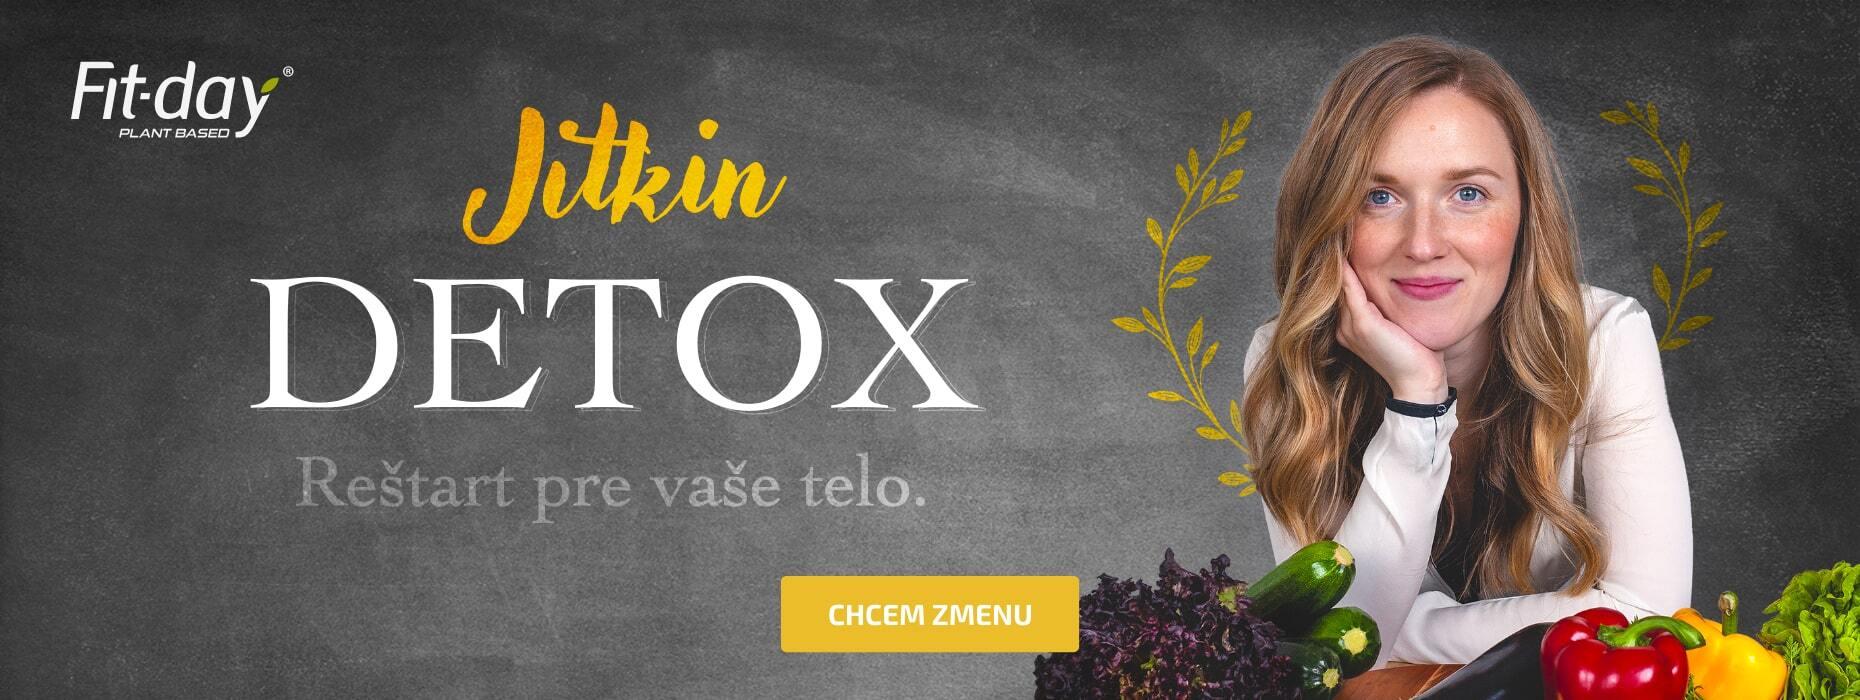 Predstavujeme Jitkin detox!